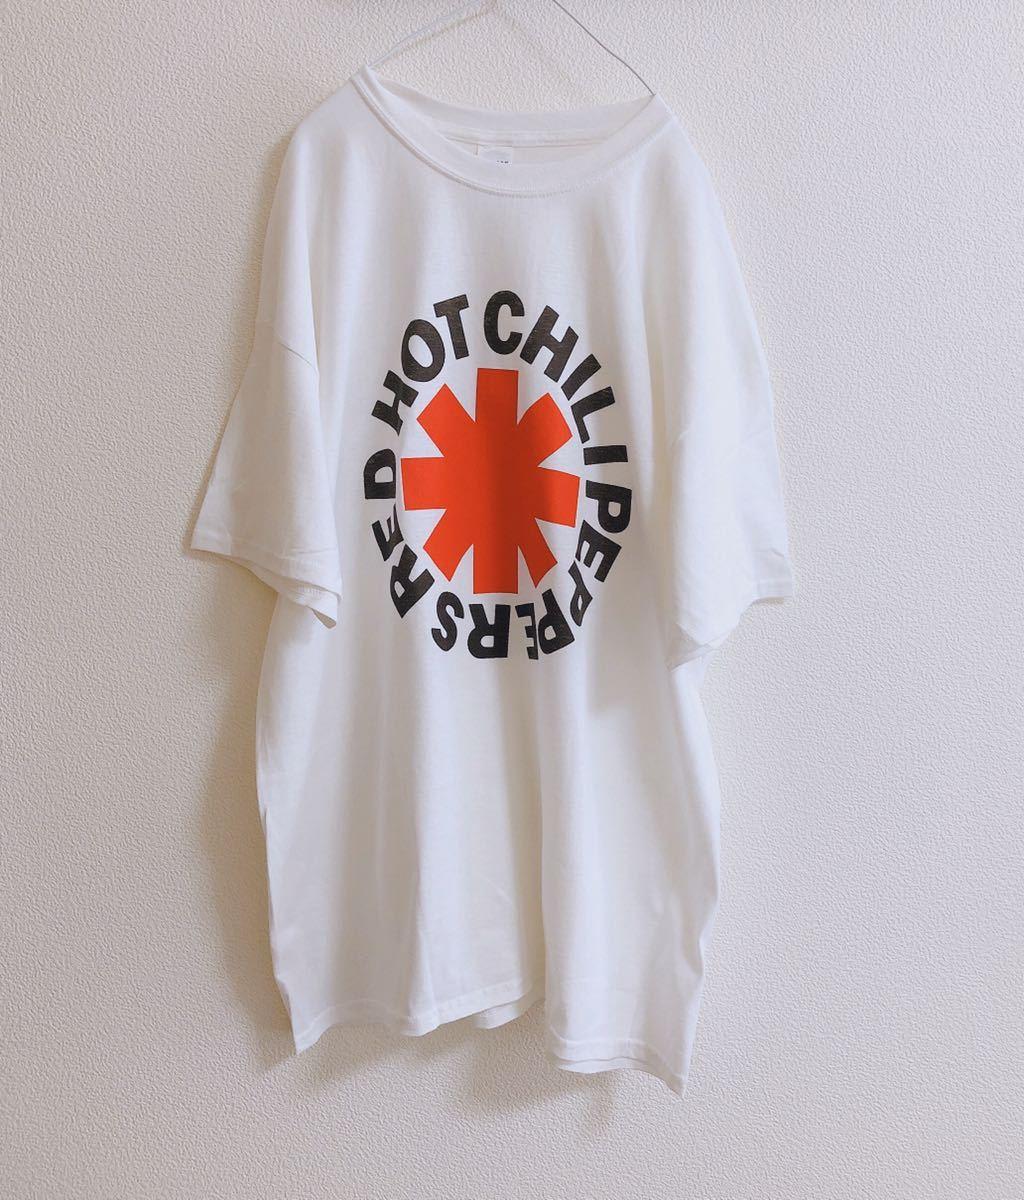 【オフィシャル】レッド ホット チリ ペッパーズ レッチリ Tシャツ バンドT_画像1